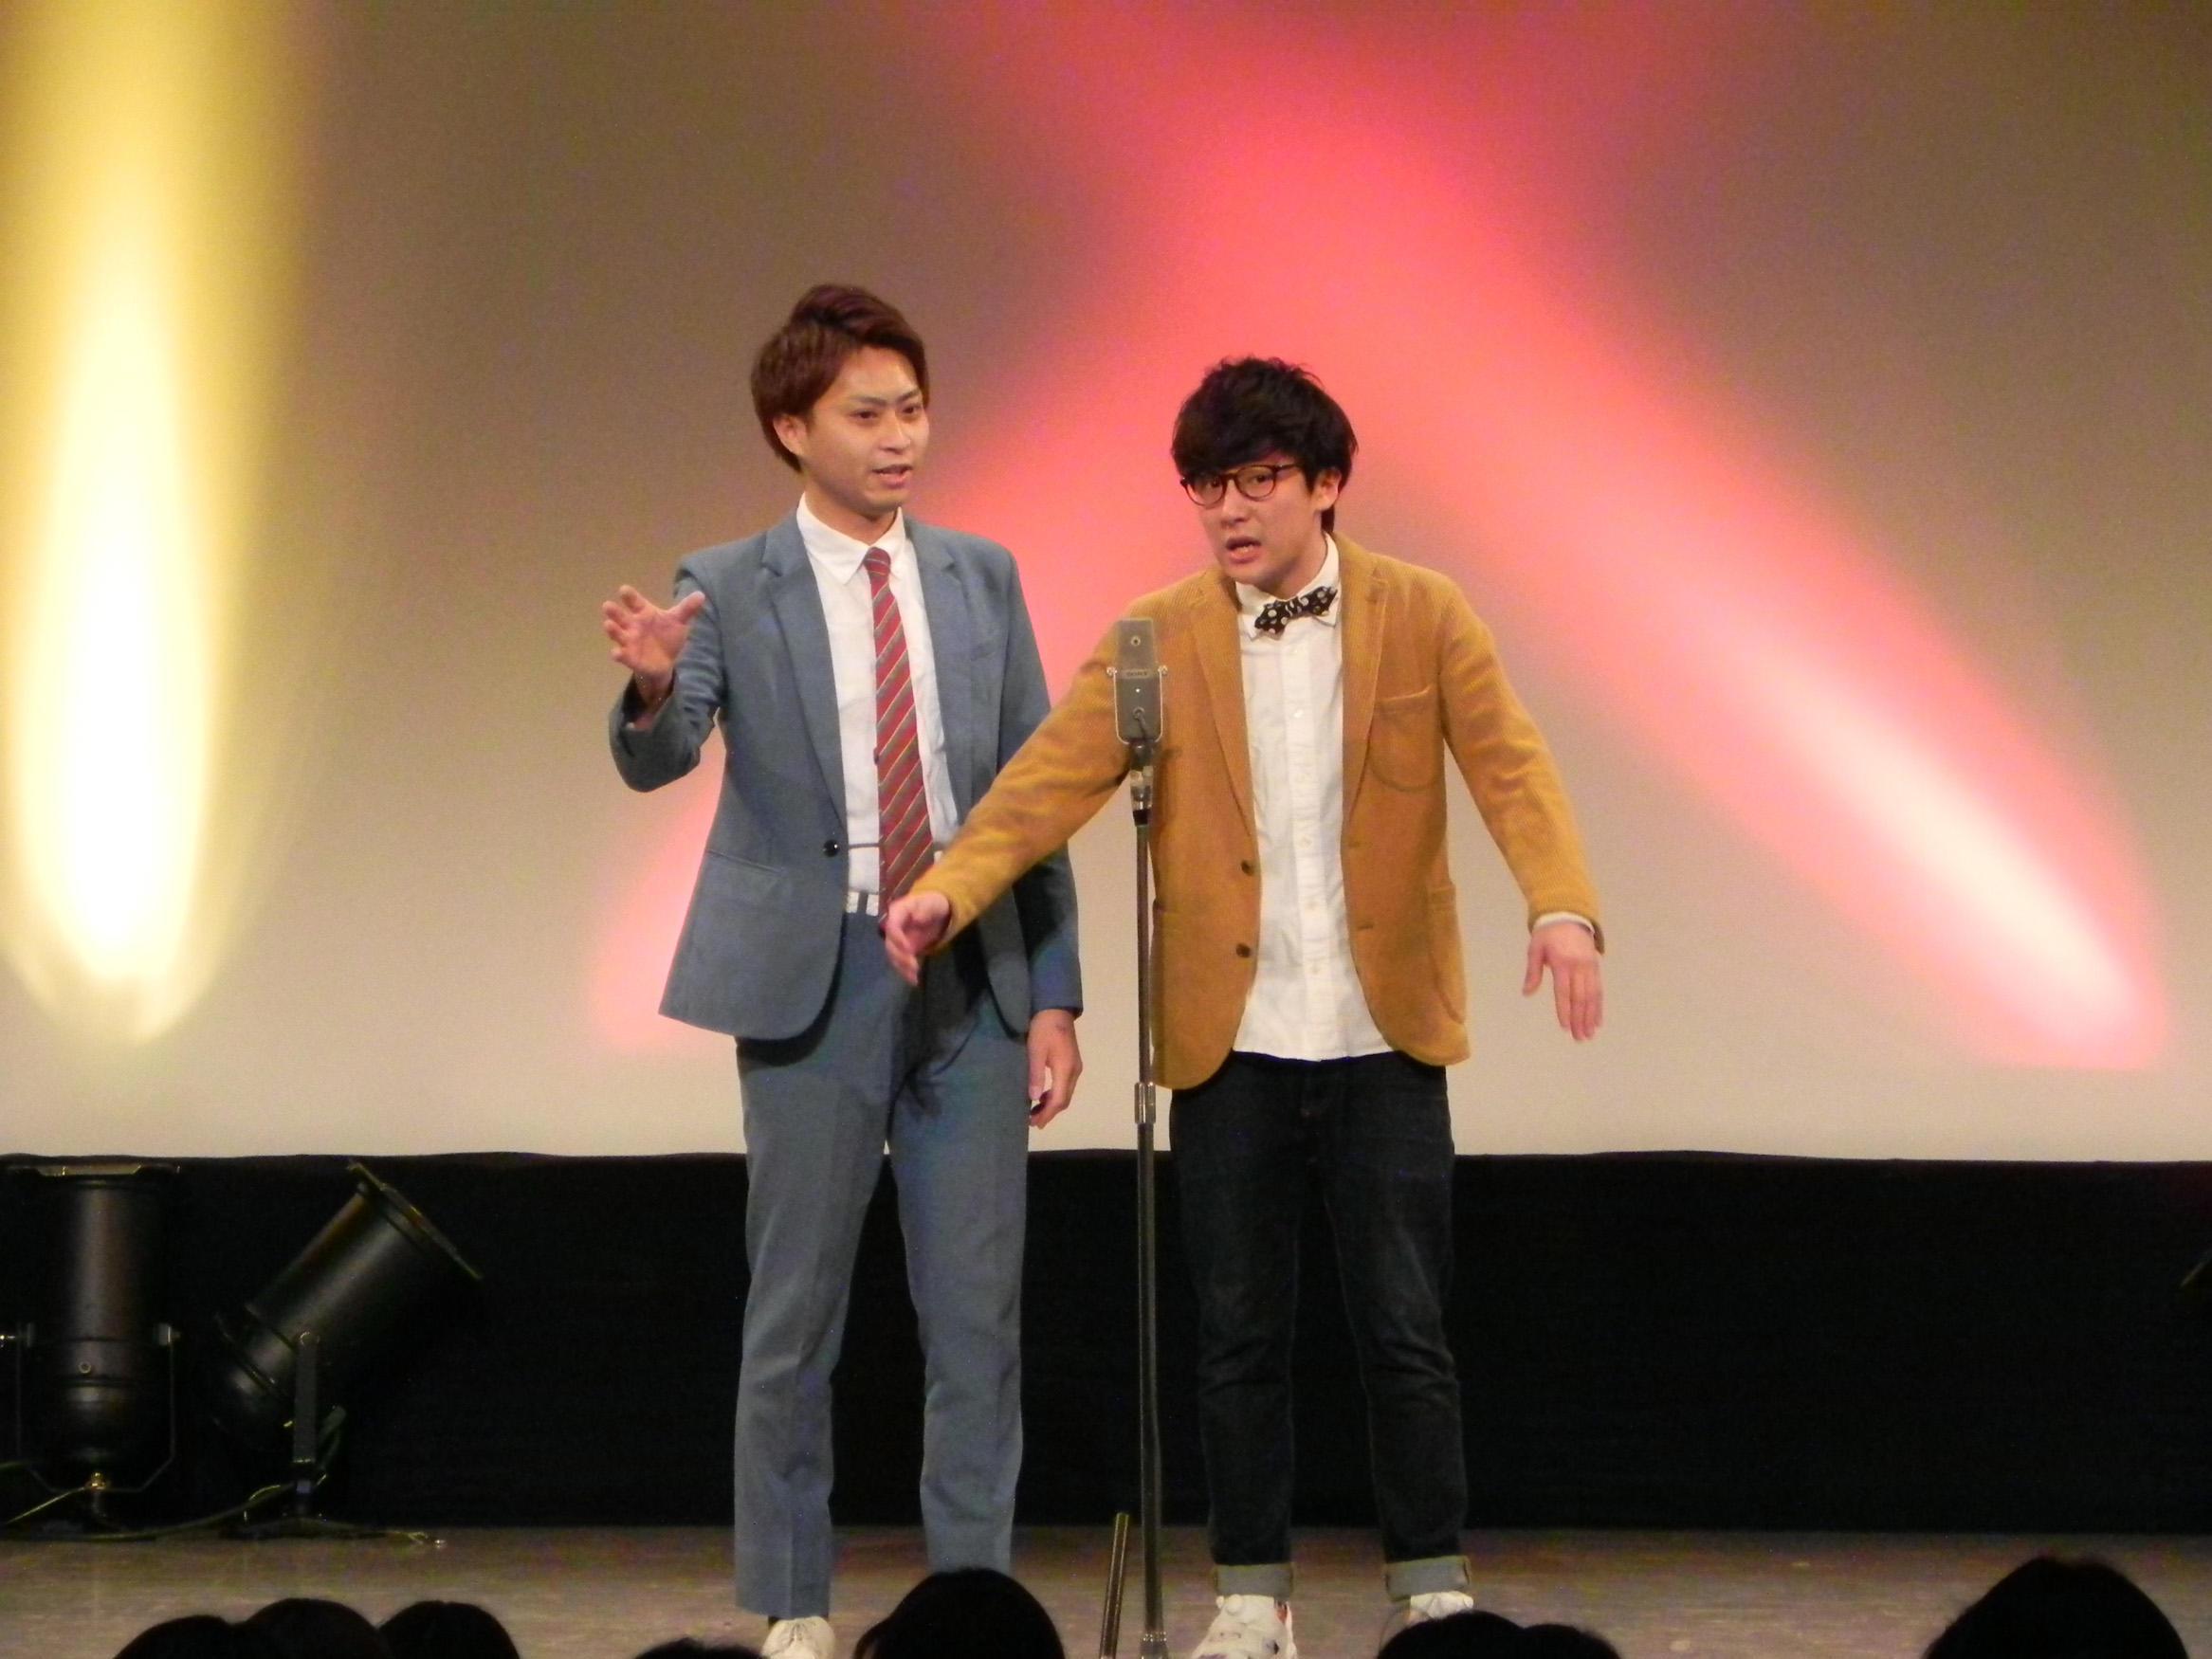 http://news.yoshimoto.co.jp/20170425152010-3e918357c612d4f9762df1be70853c8d76fbf09f.jpg